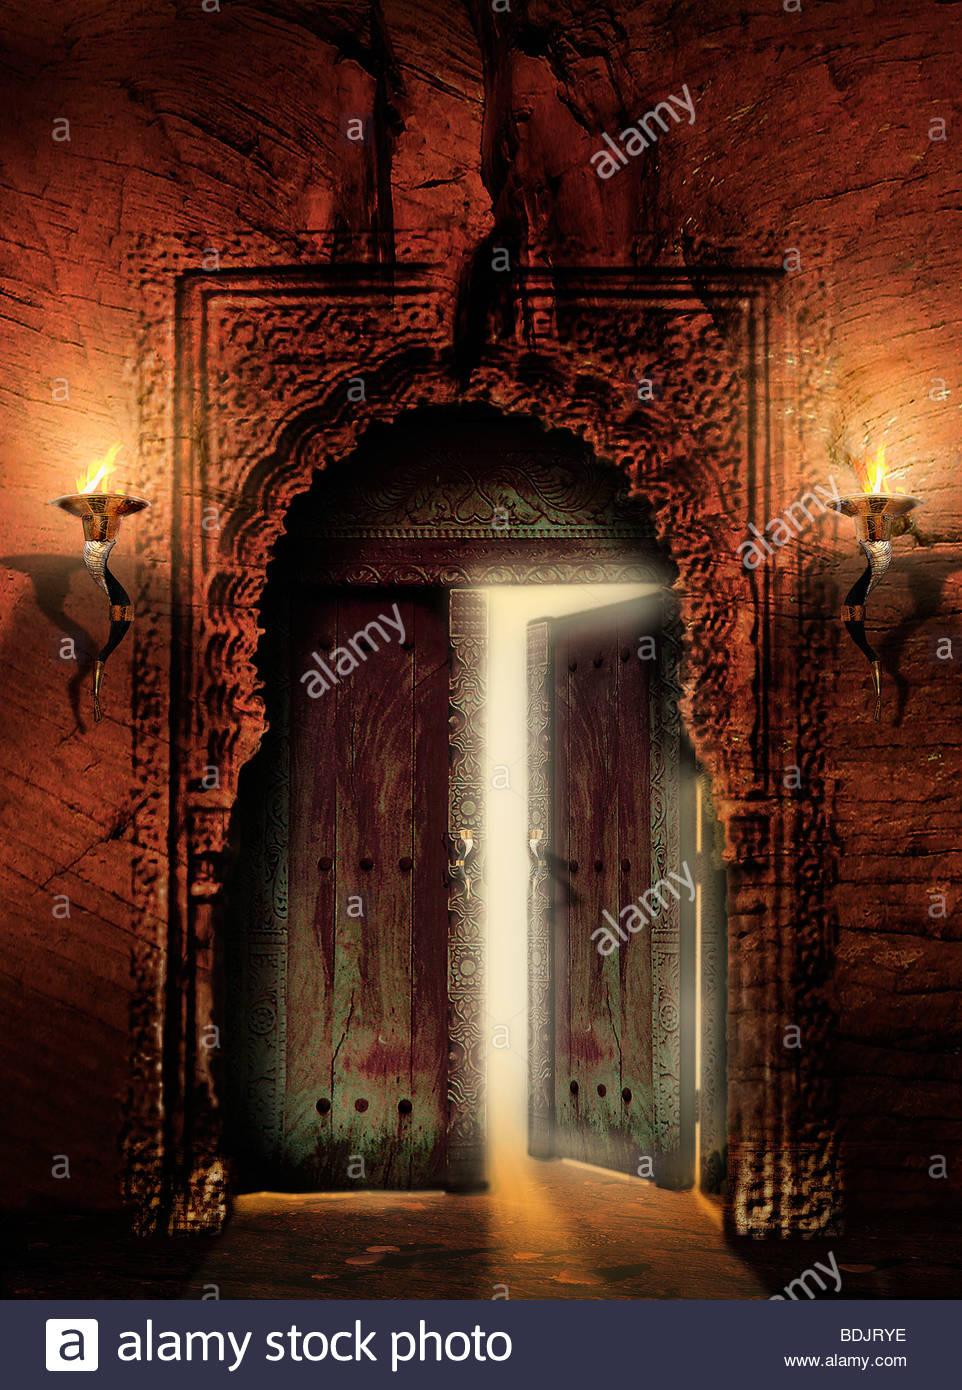 Ornati, antica porta con la porta parzialmente aperta Immagini Stock